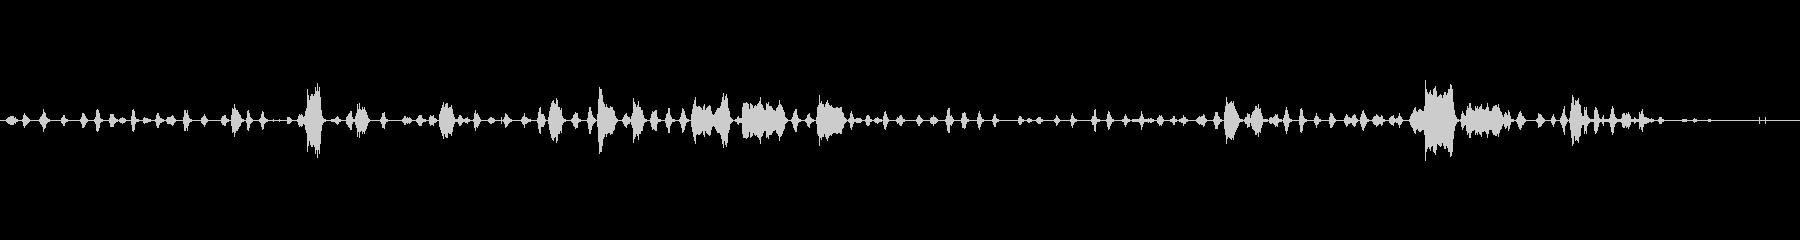 ヘンズ、クワイエット、バーン、バー...の未再生の波形